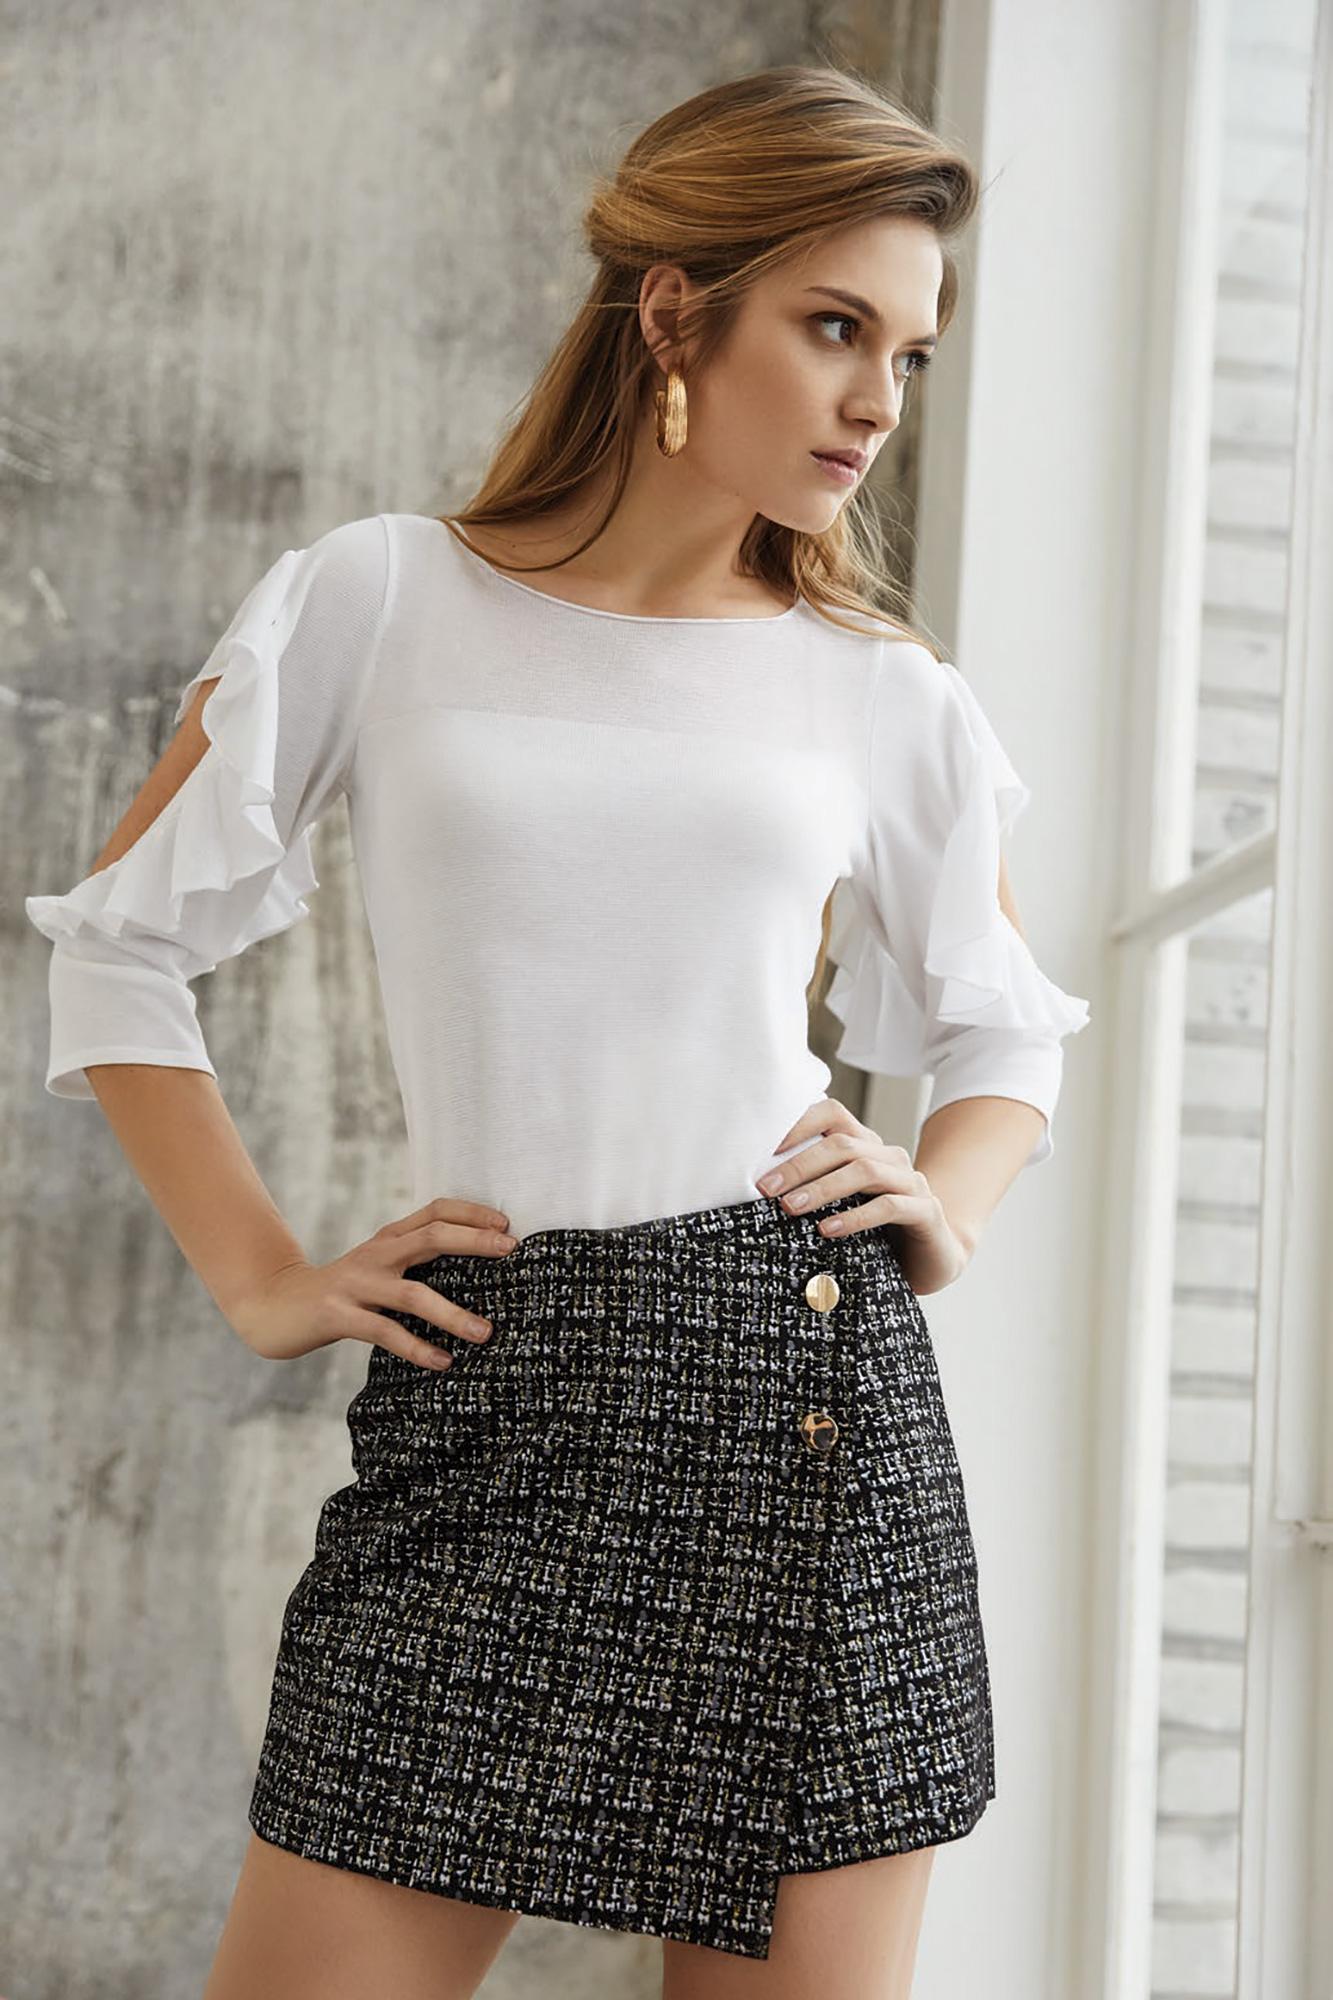 bluzka silvana, biała bluzka, dzianina, elegancka bluzka, spódniczka w kratę